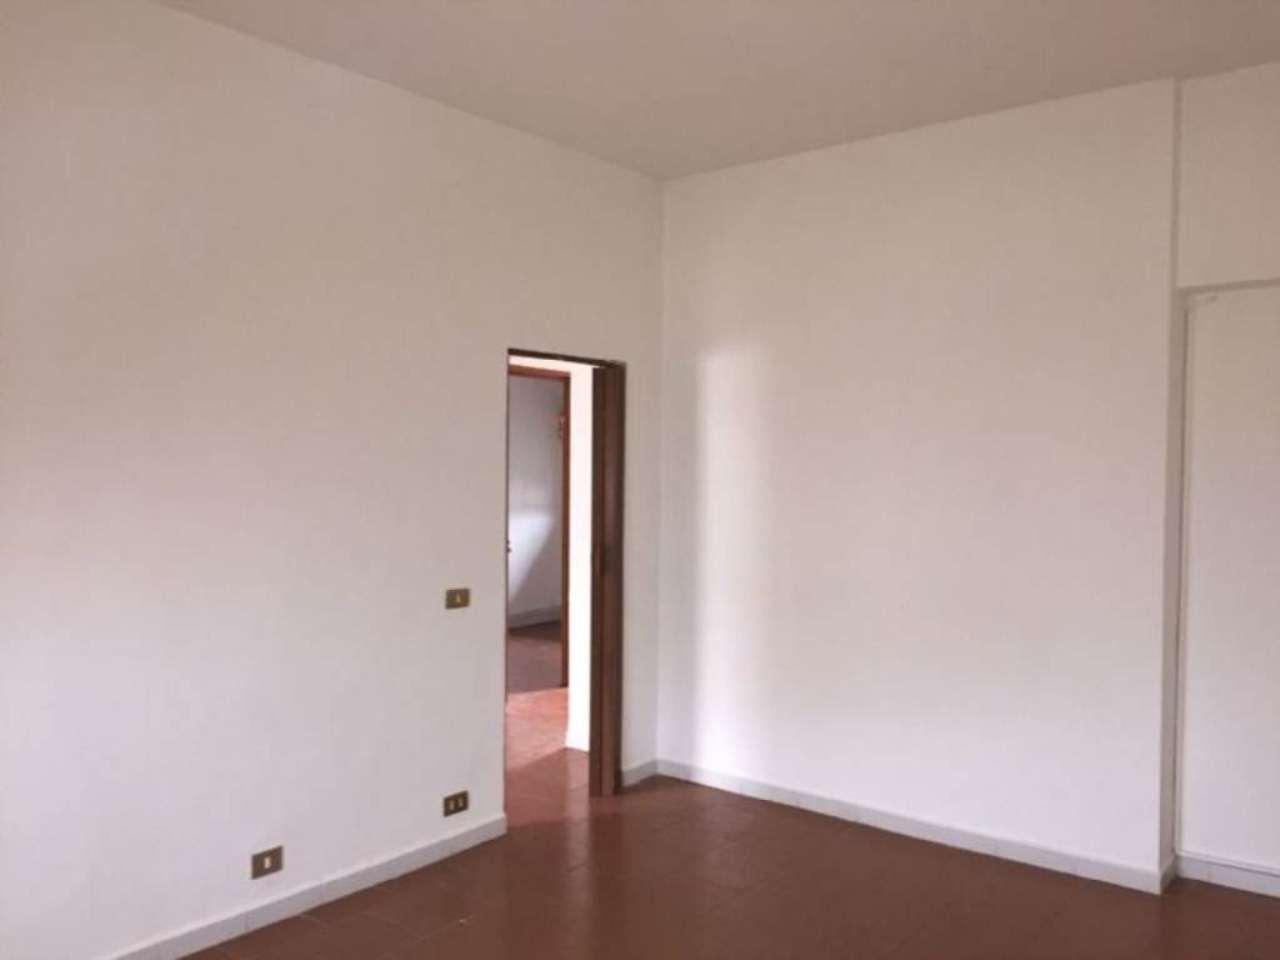 Appartamento in affitto a Truccazzano, 2 locali, prezzo € 450 | CambioCasa.it